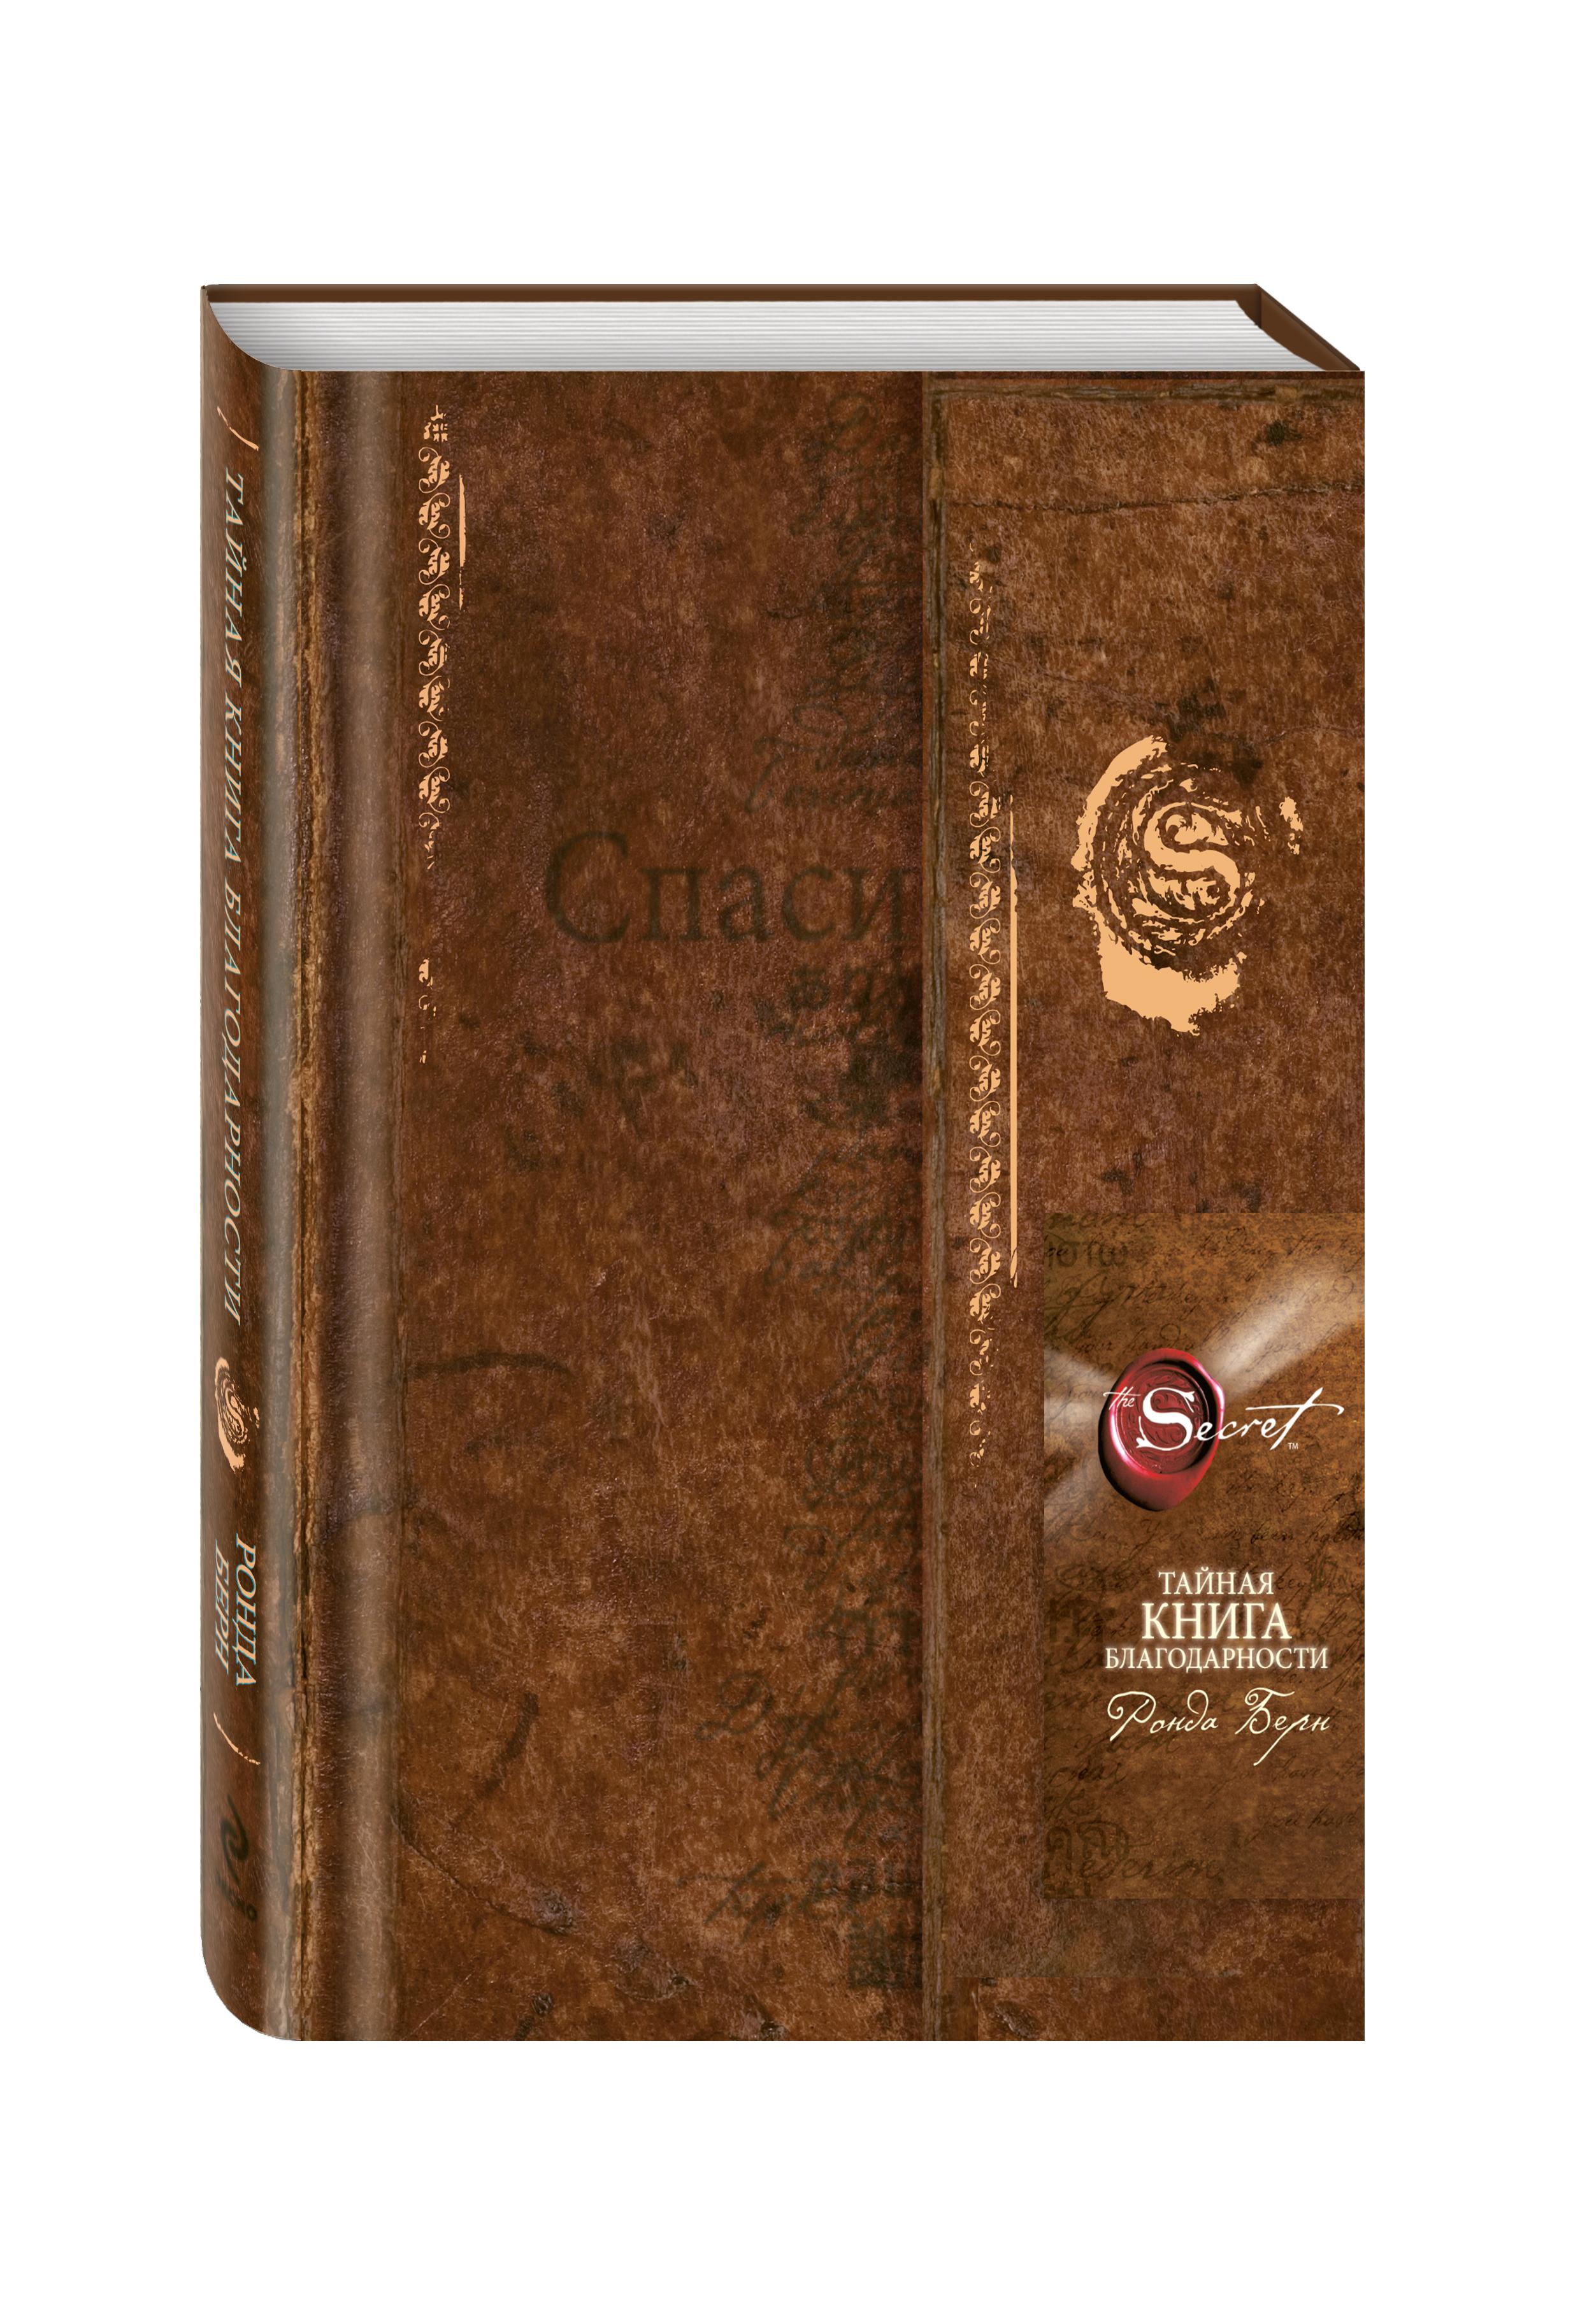 Берн Р. Тайная книга благодарности (новое издание) берн ронда тайна на каждый день